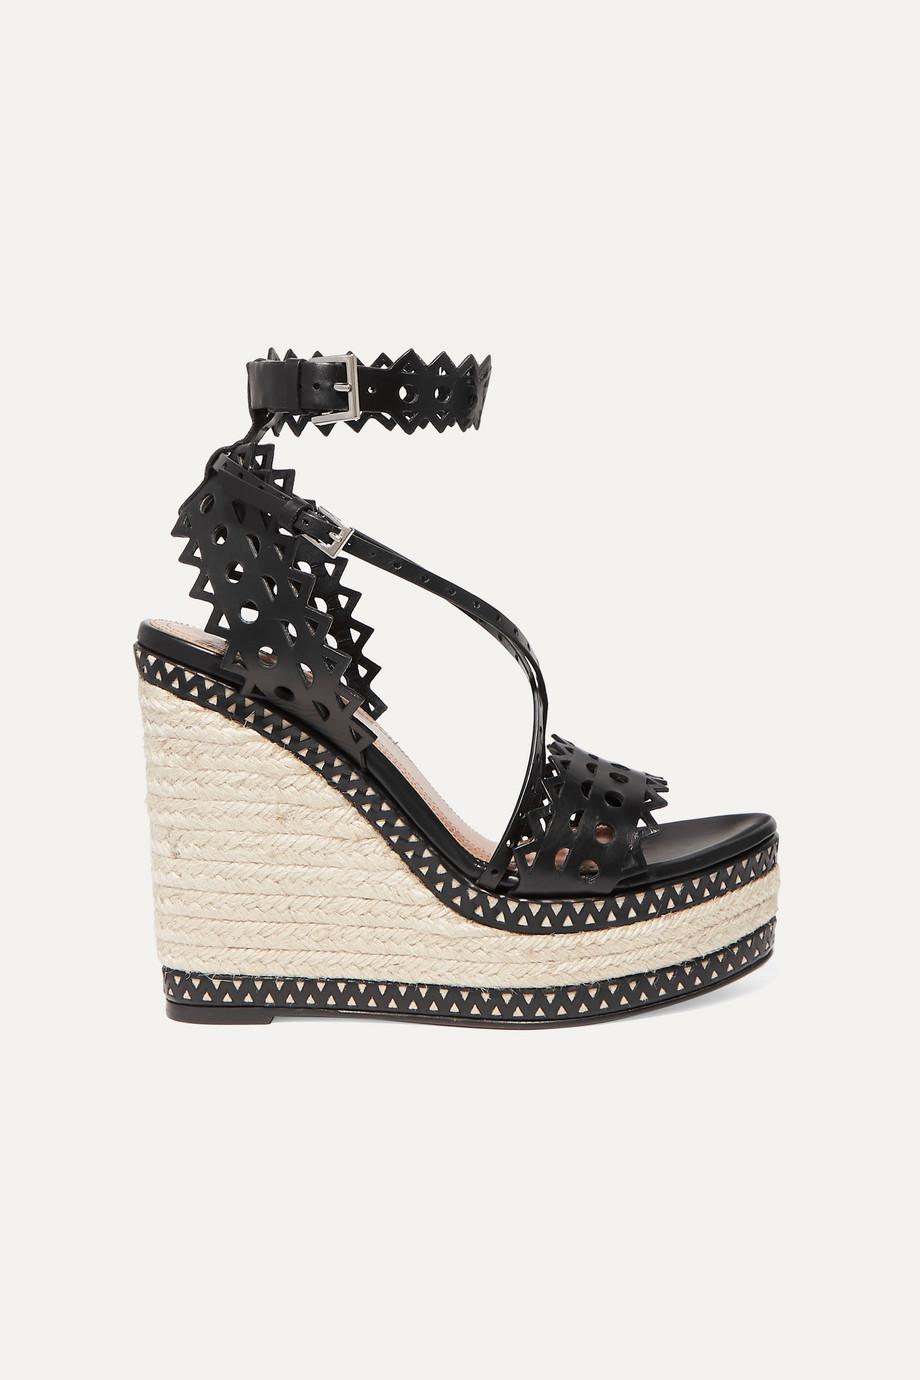 Alaïa 140 激光雕花皮革坡跟麻底鞋